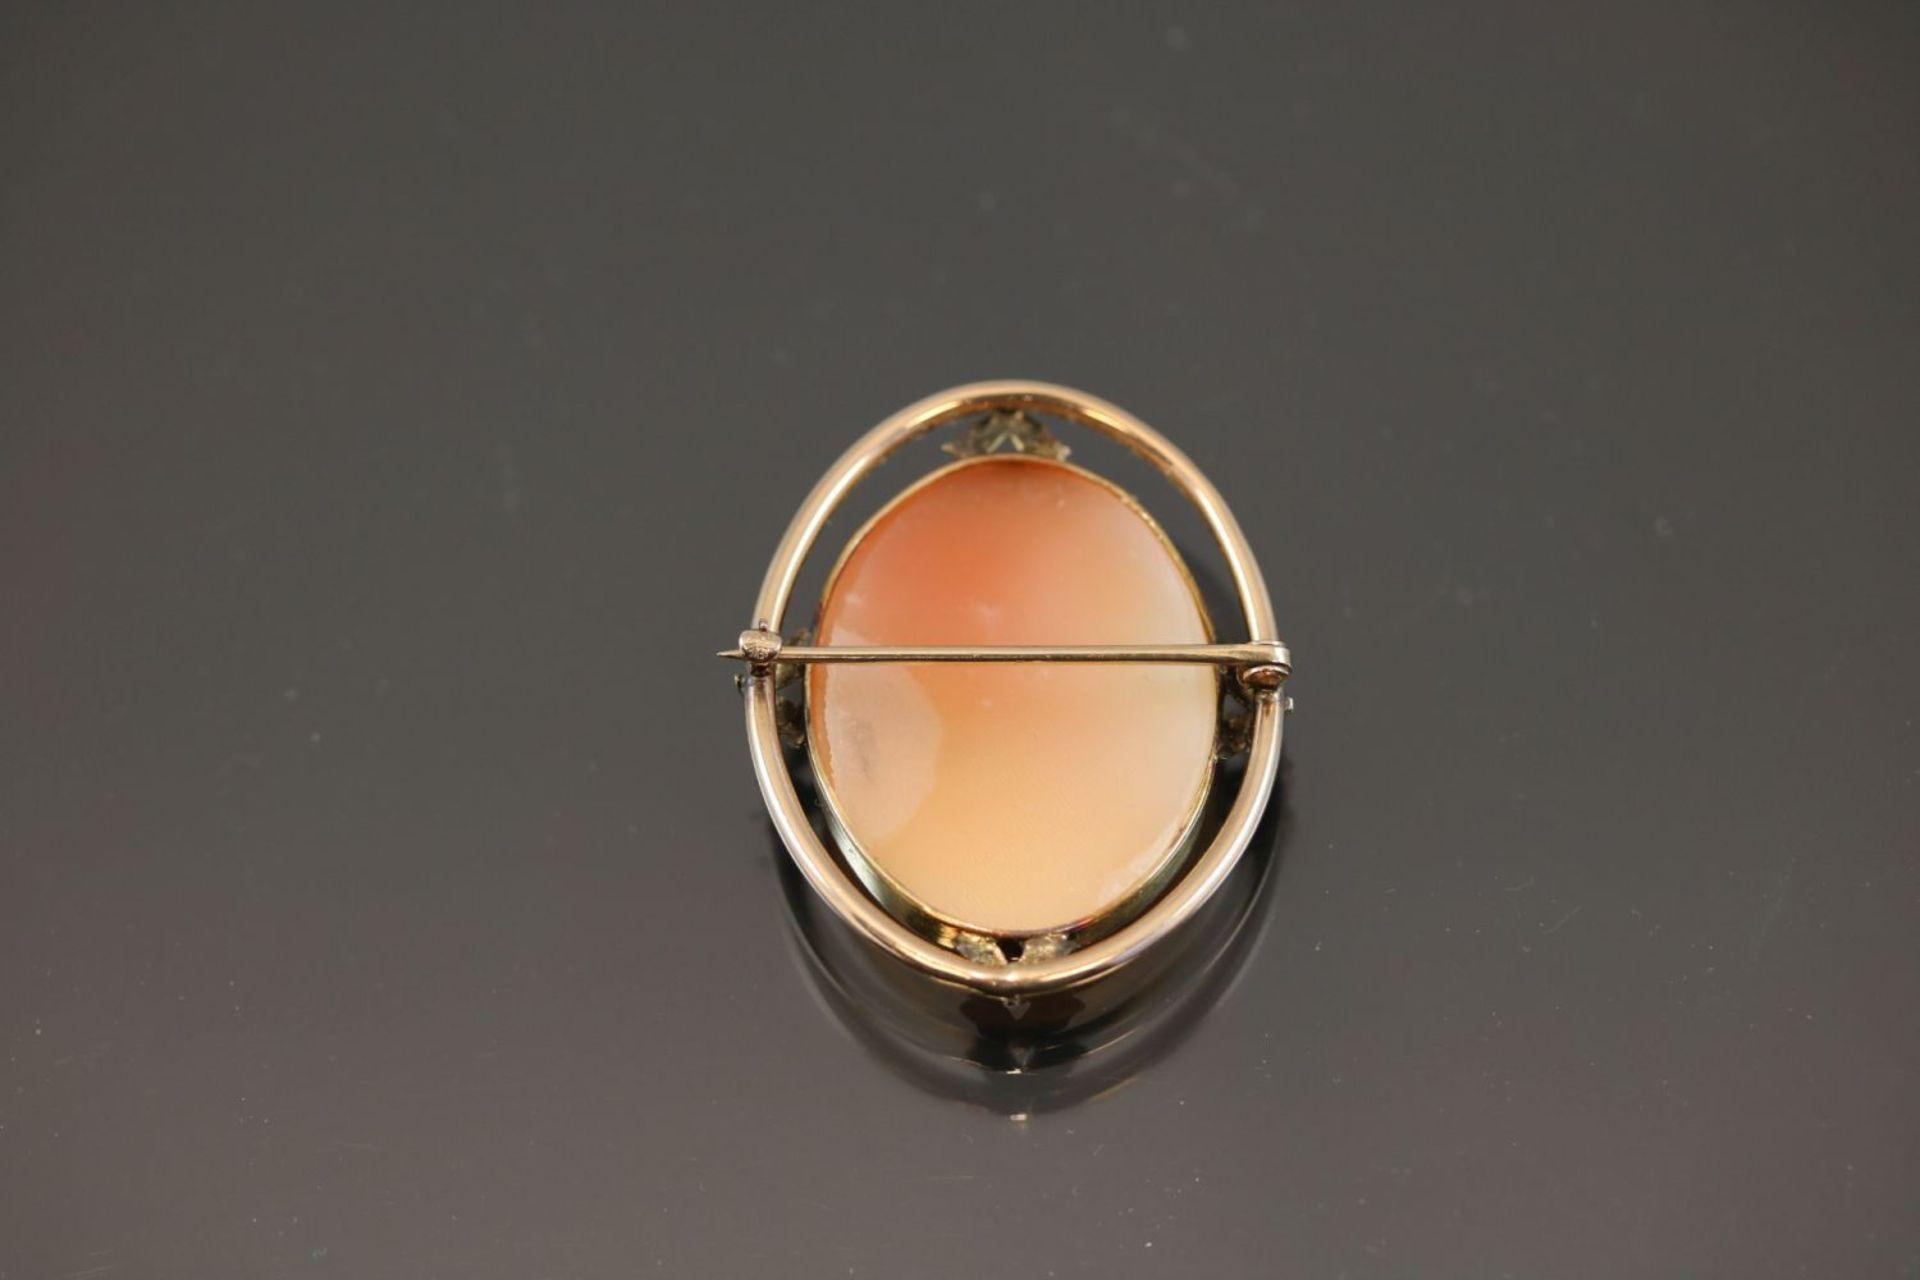 Gemme-Brosche, 375 Gold5,8 Gramm Breite: 3,1 cm, Länge: 3,6 cm - Bild 7 aus 7